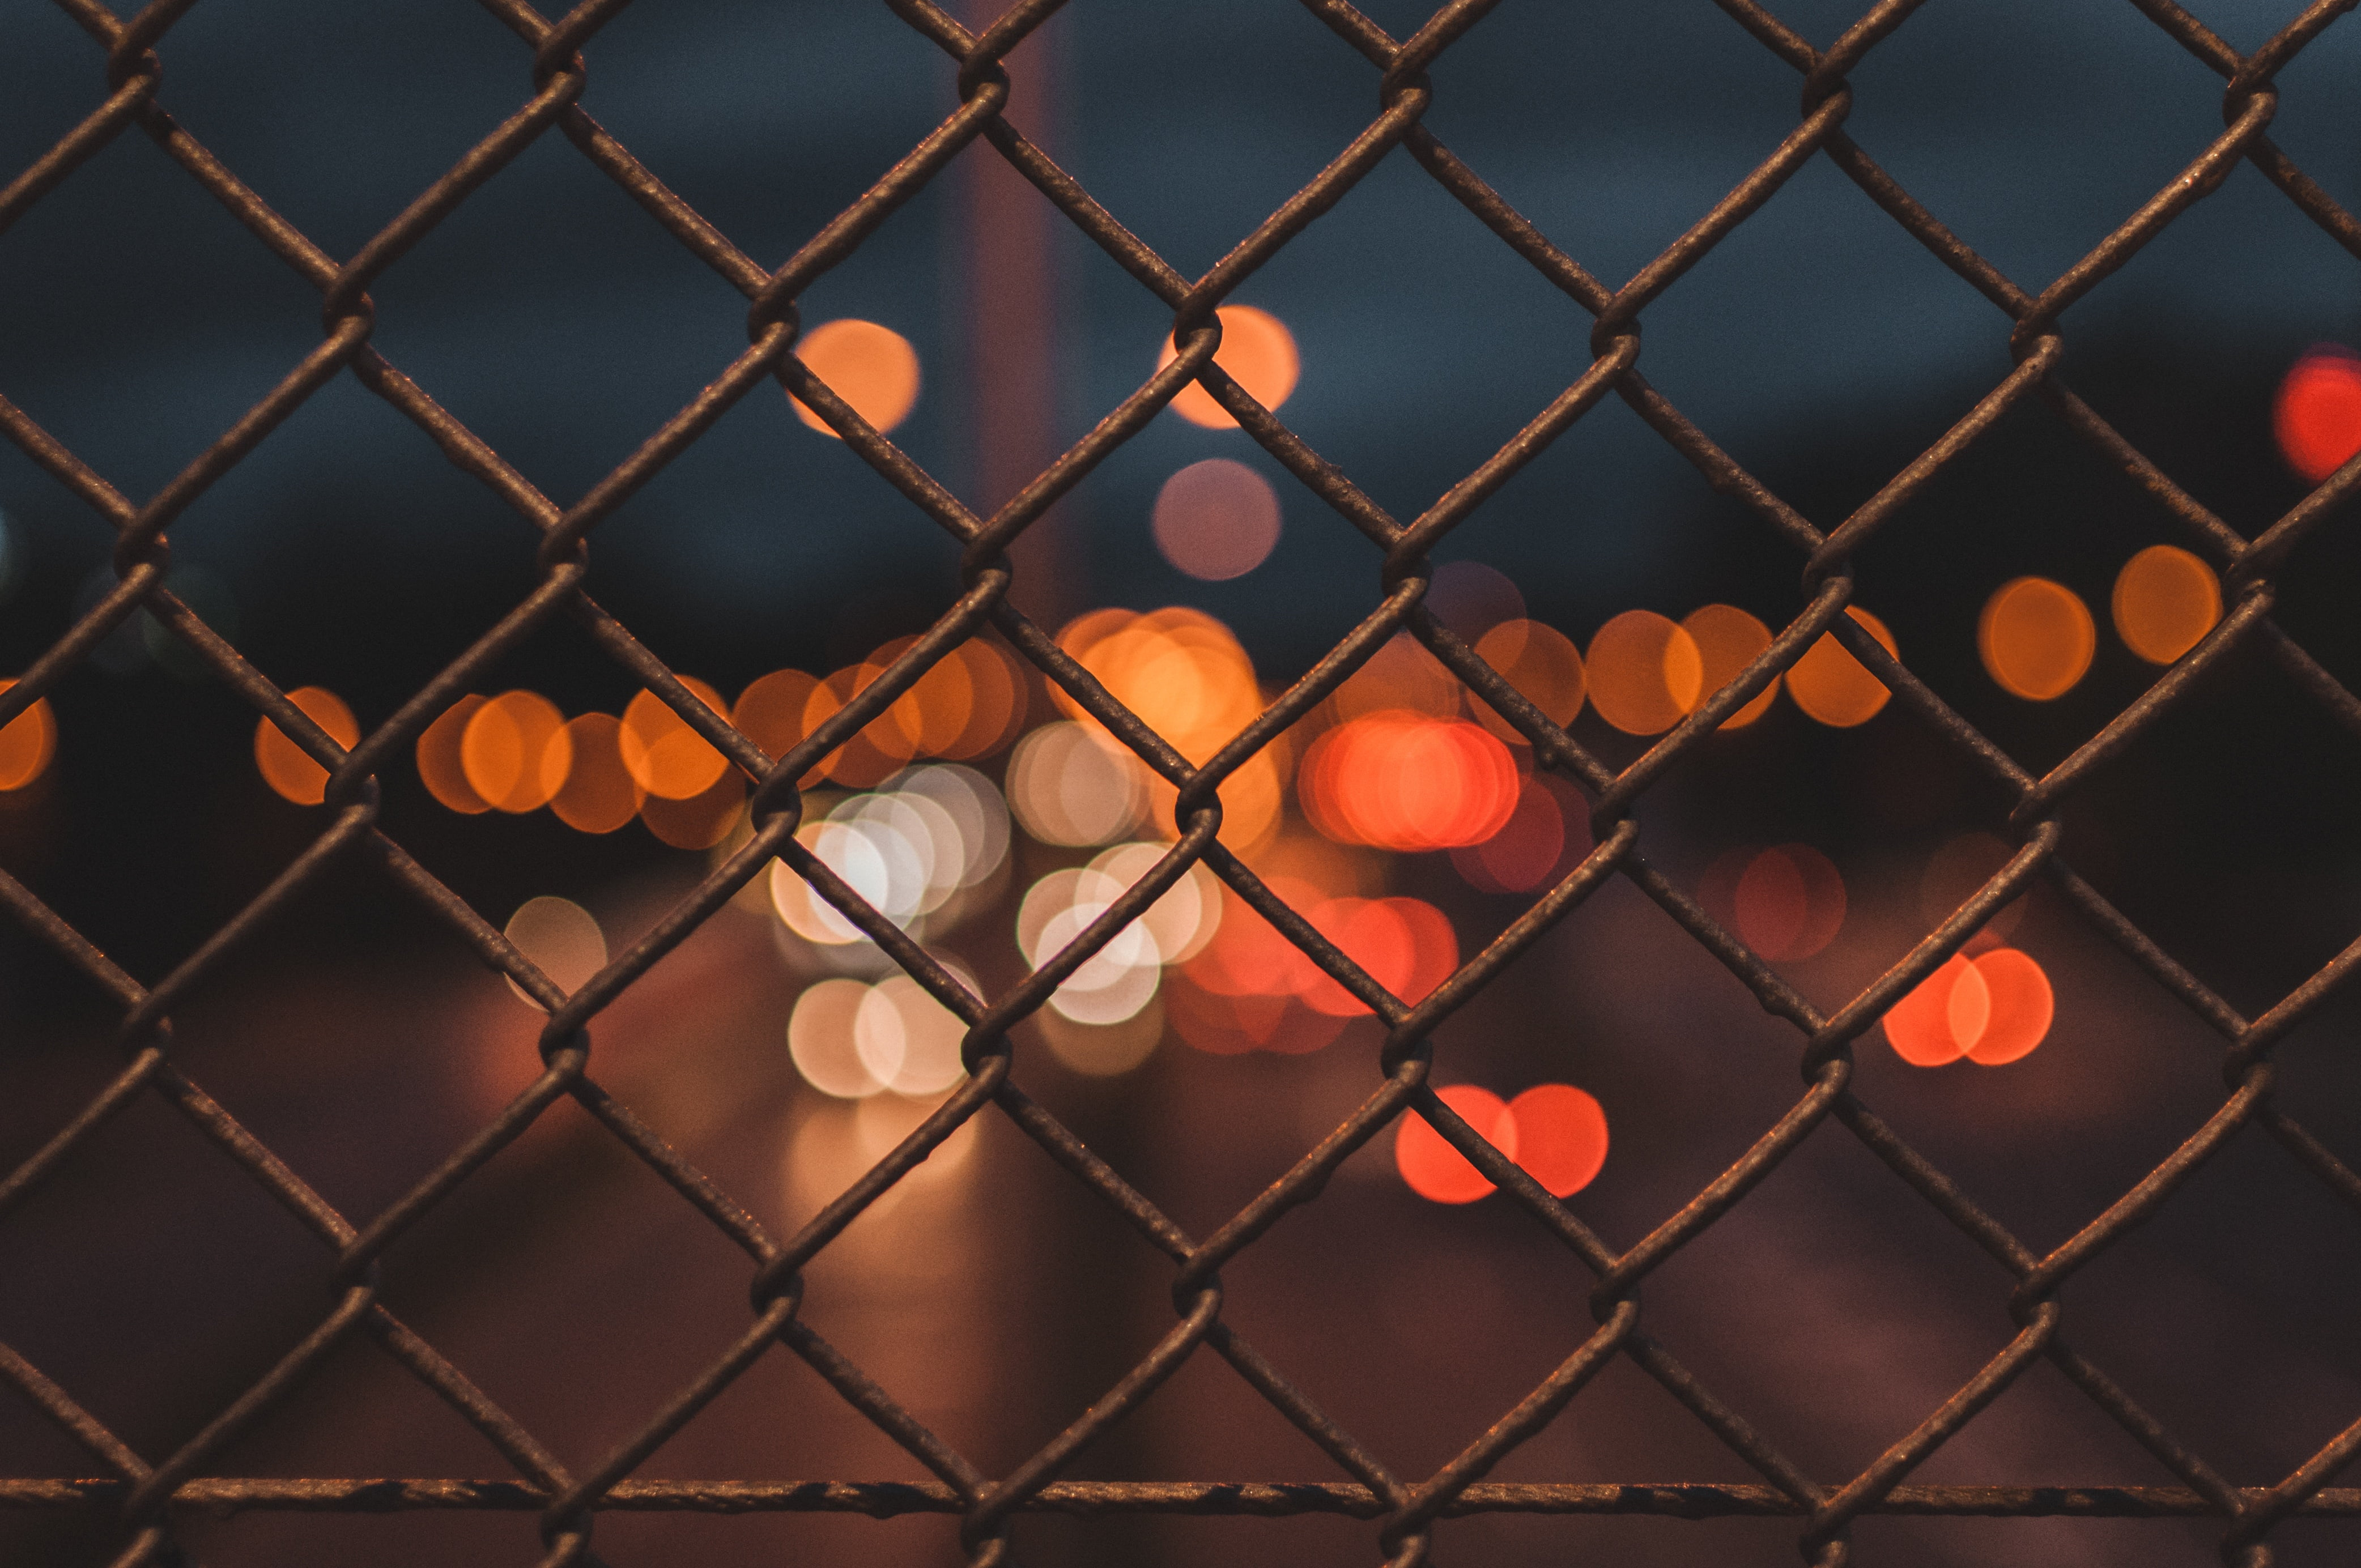 不死鸟自由上网、每日壁纸、每日一图、每日图片、动漫图片、高清壁纸、美女图片、高清大图、手机壁纸、电脑壁纸、桌面壁纸、封面图片、欧美图片、小清新图片、好看的图片、风景图片等由不死鸟分享推荐,图片均为无版权图片可以自由引用并用于商业